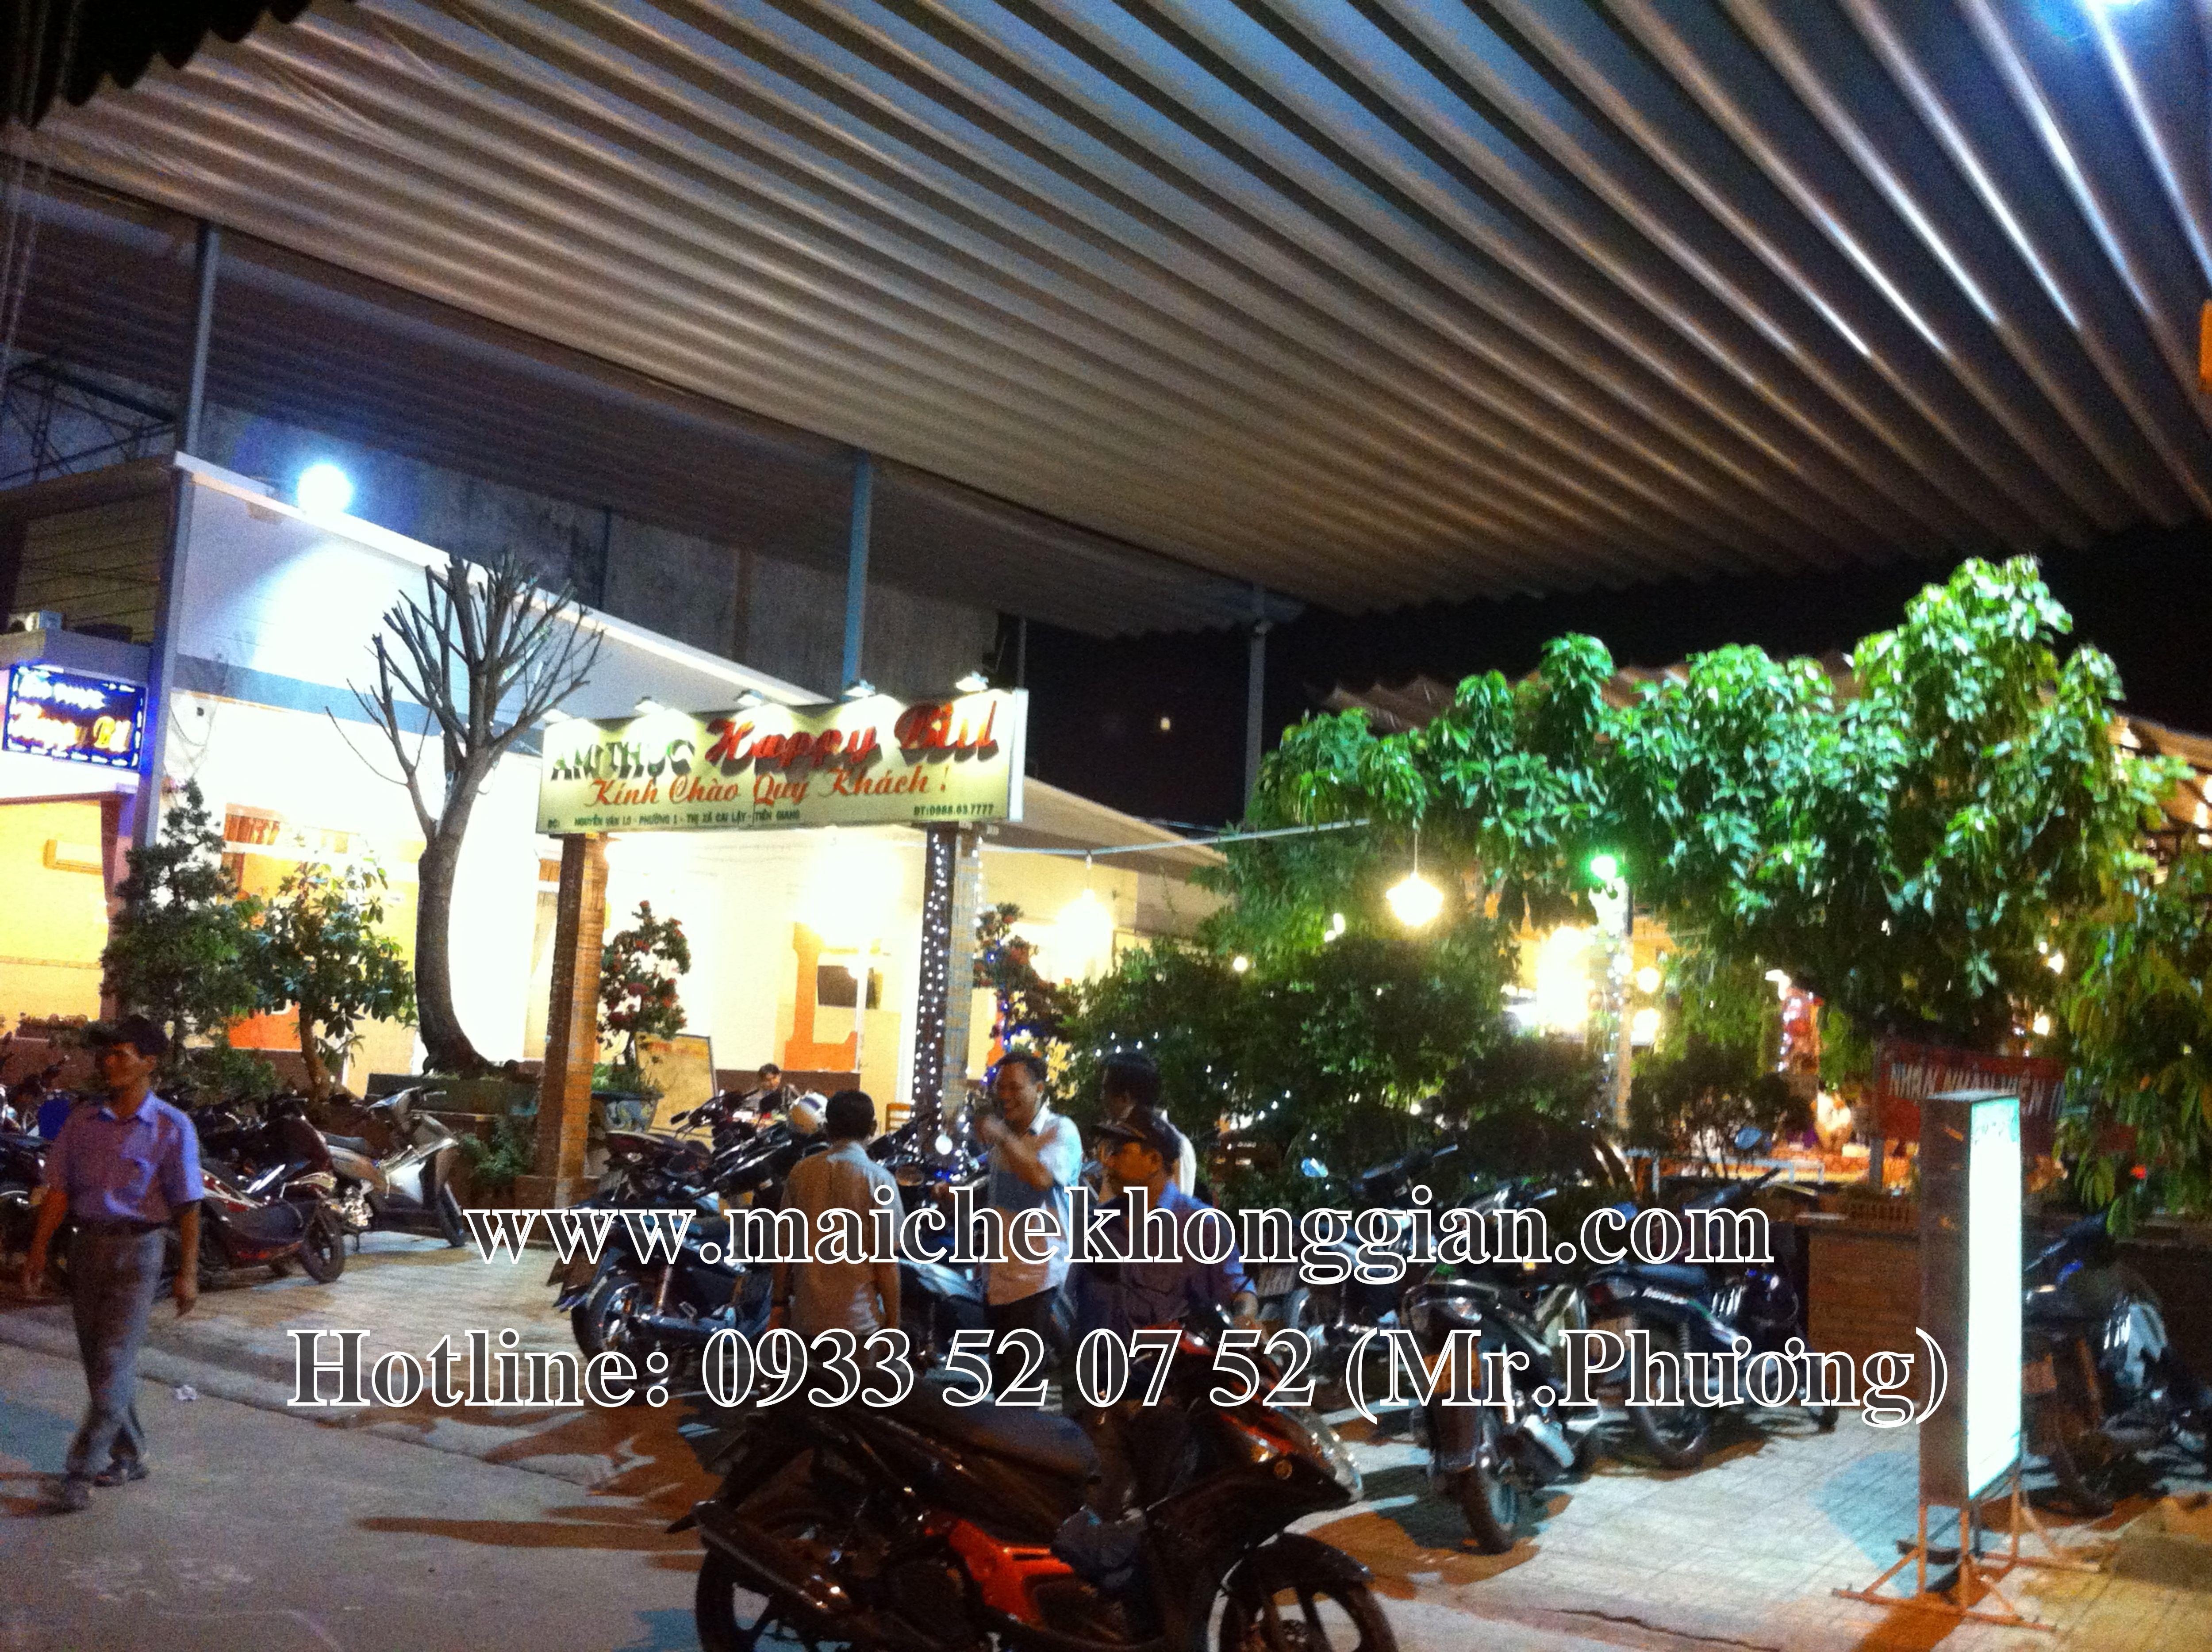 Mái bạt Quận 4 TP Hồ Chí Minh